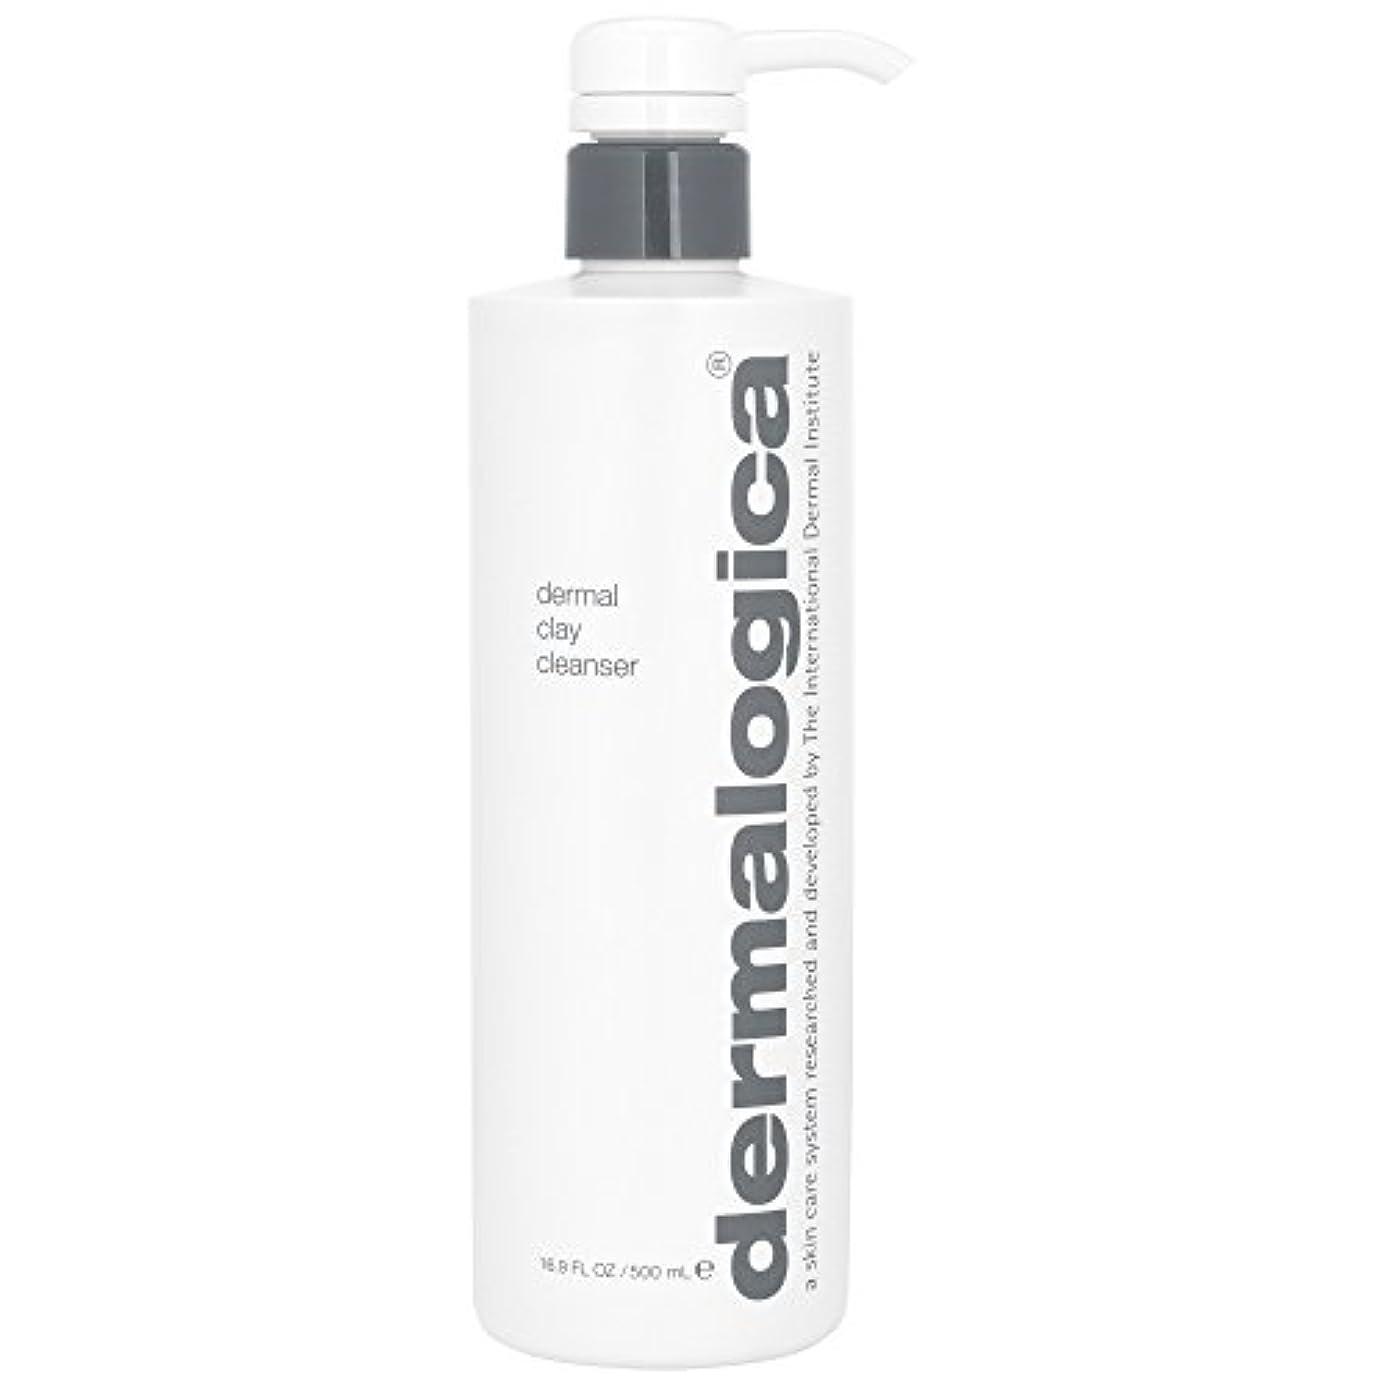 ダーマロジカ真皮クレイクレンザー500ミリリットル (Dermalogica) - Dermalogica Dermal Clay Cleanser 500ml [並行輸入品]